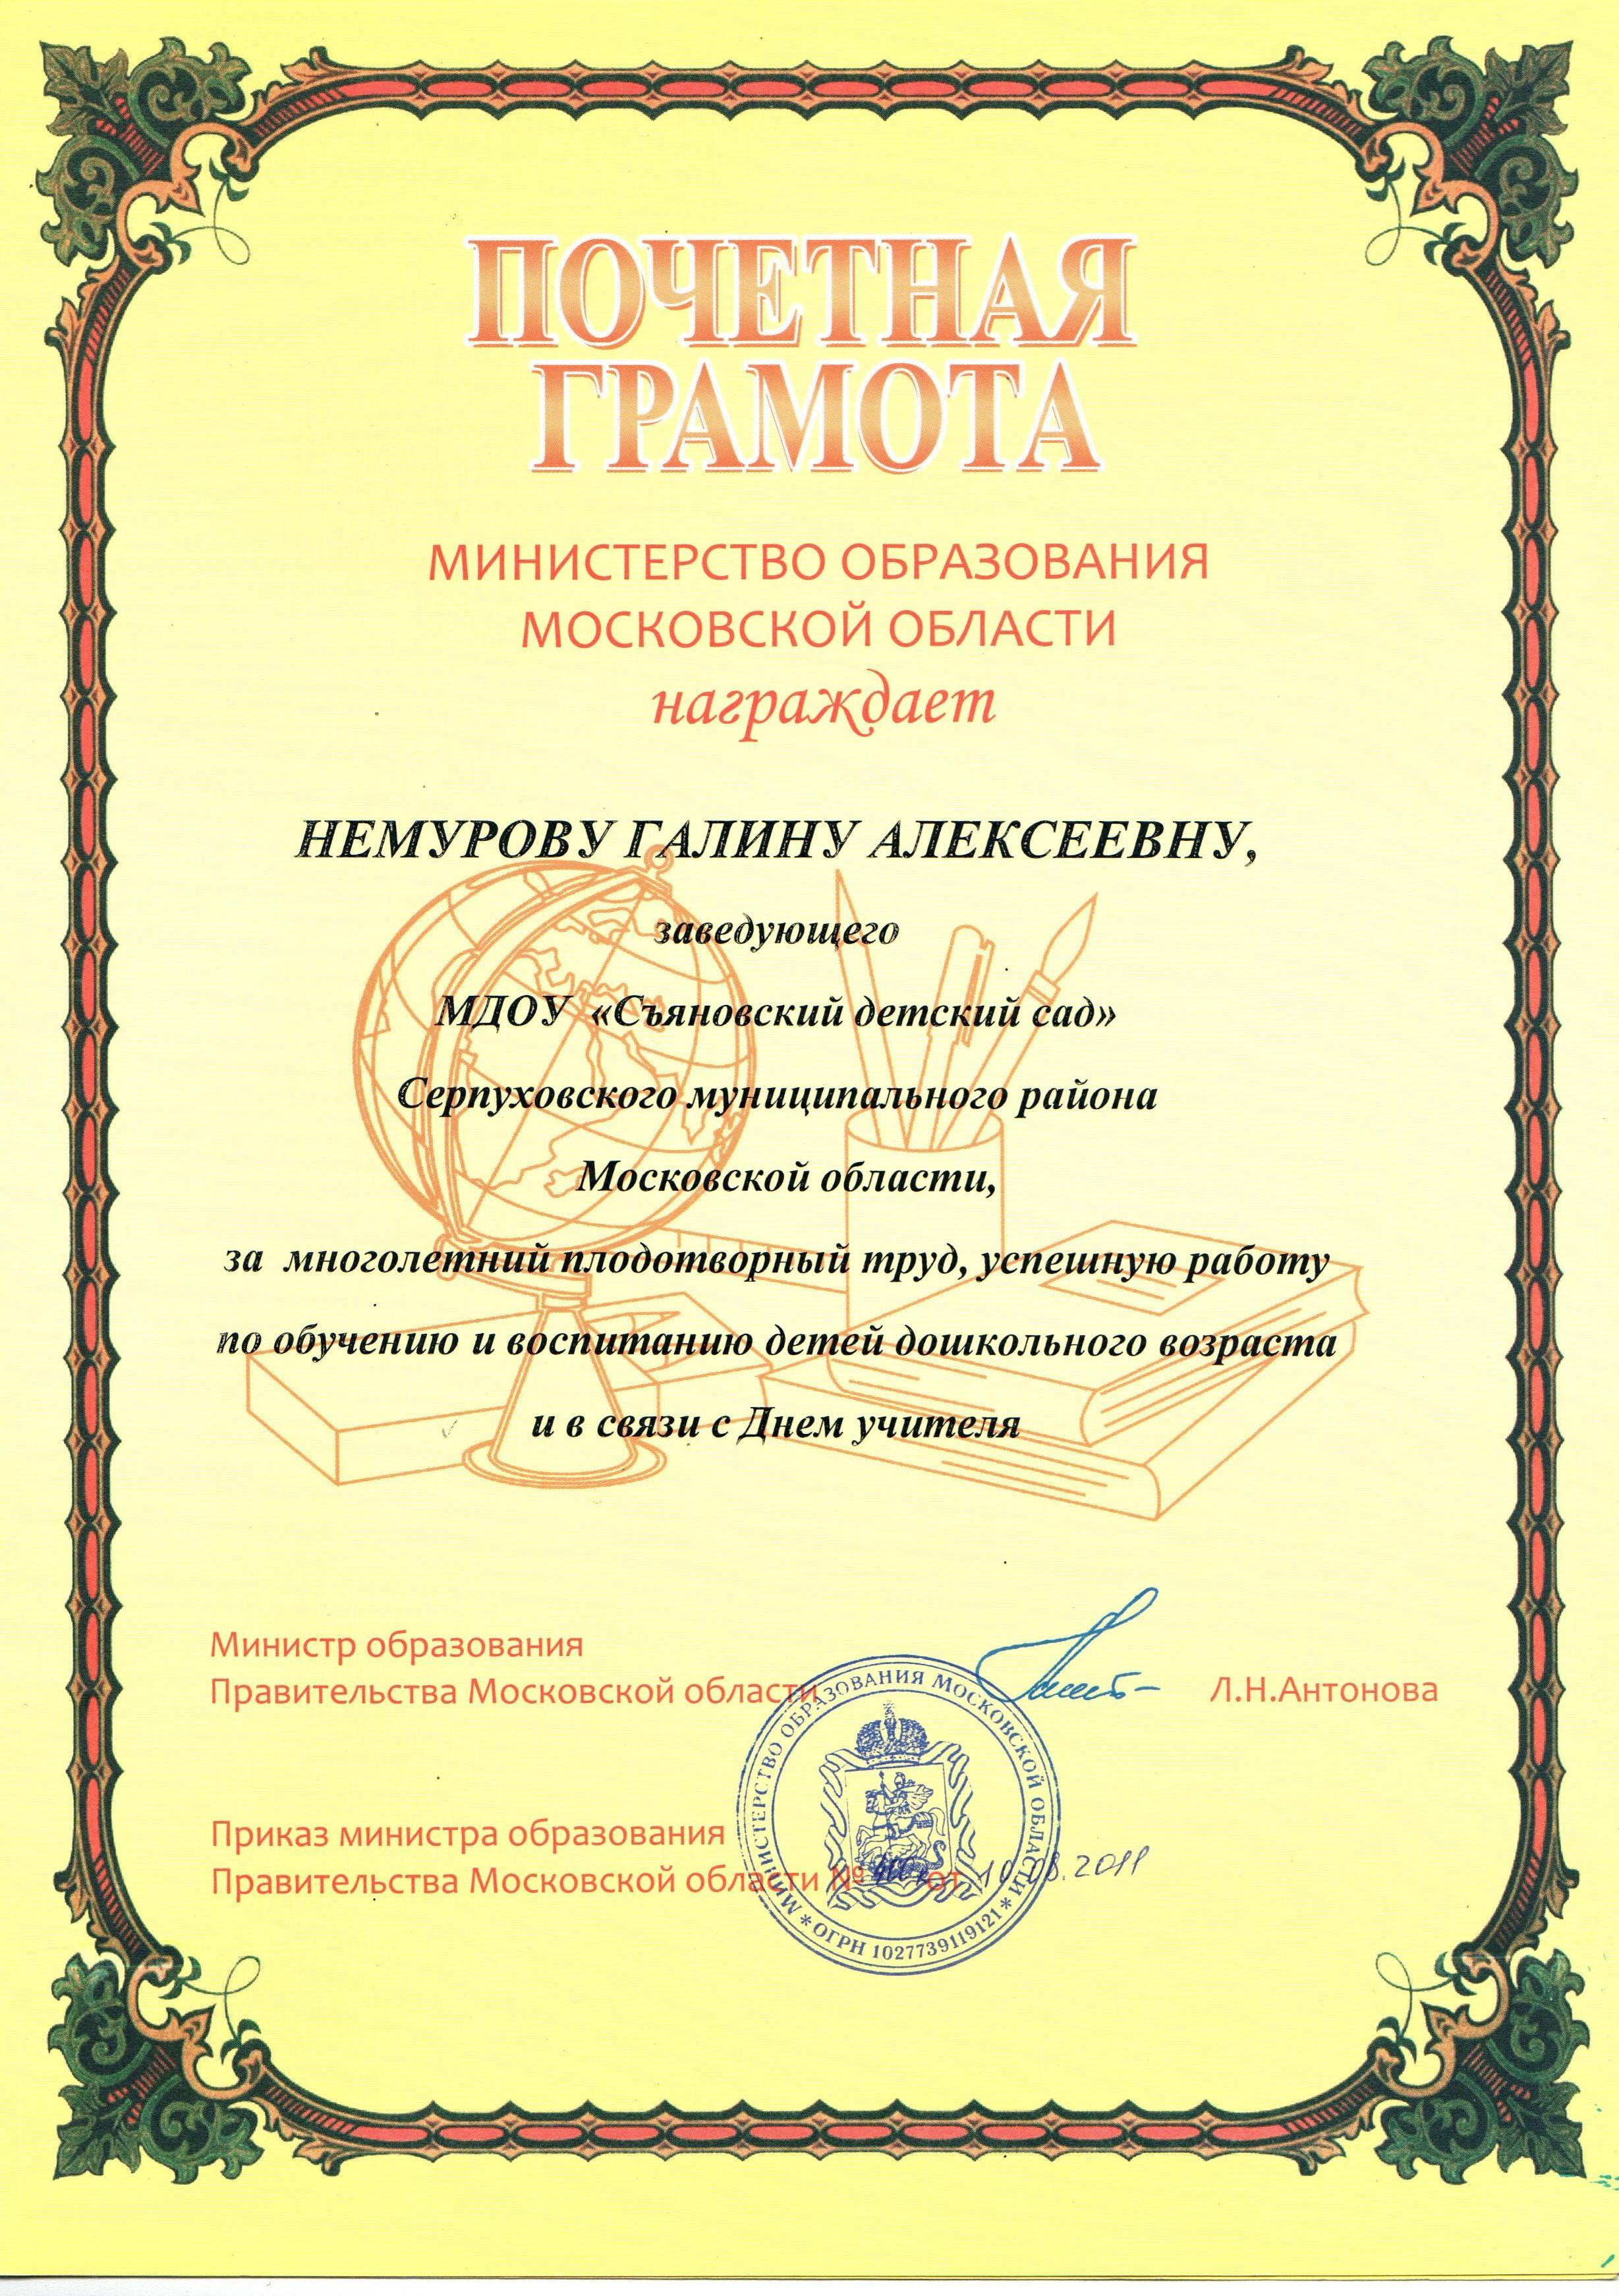 http://teremok-serpreg.my1.ru/20121009_232657.jpg